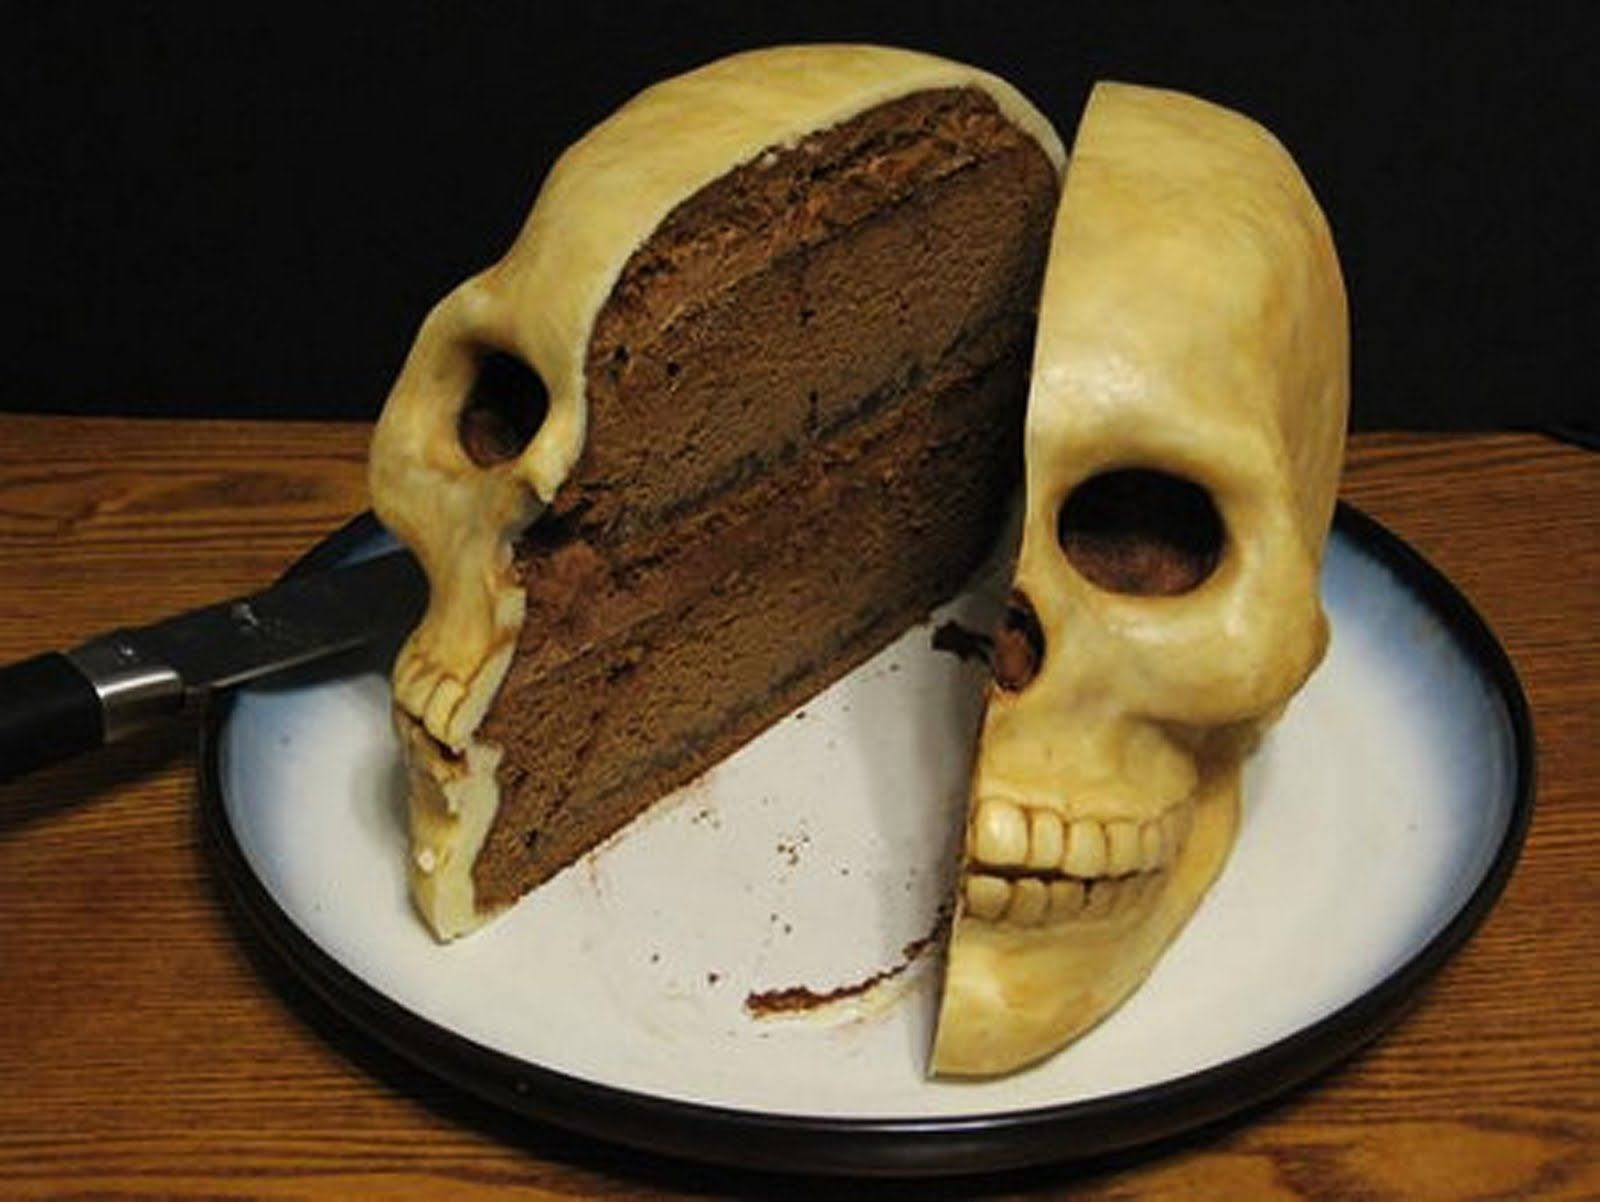 Pin on PIMP MY CAKE